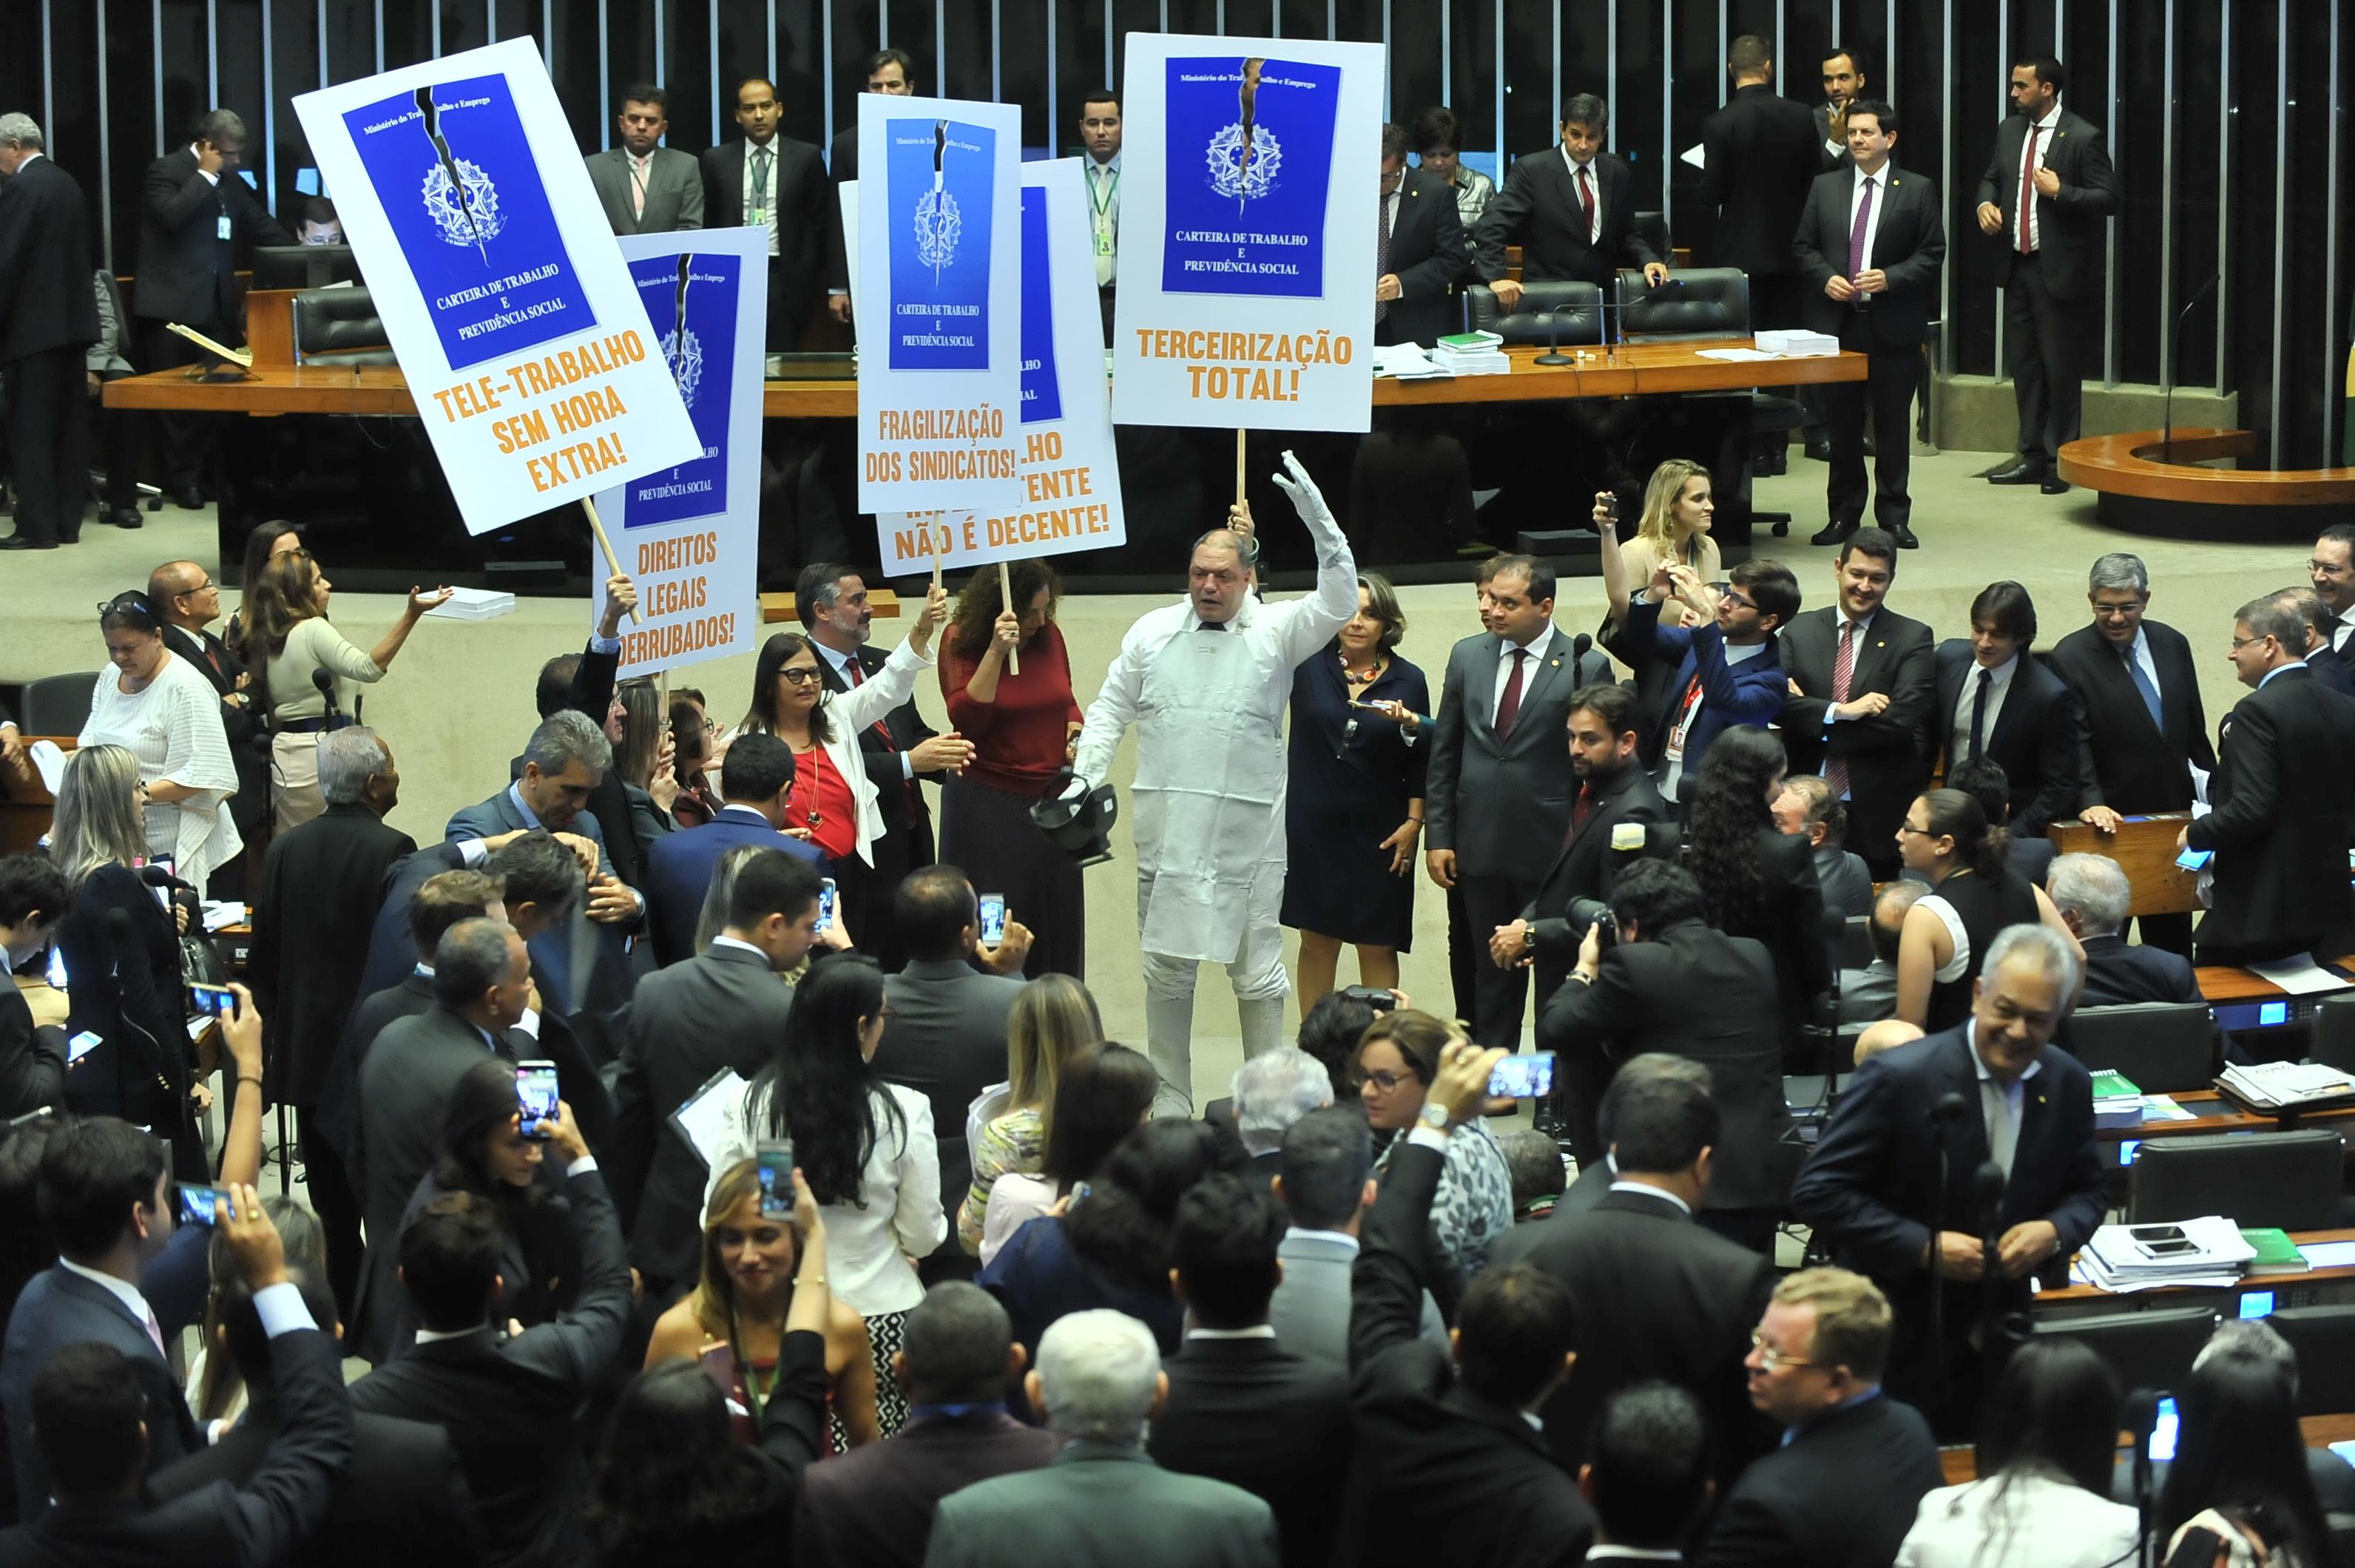 Deputados discutem reforma trabalhista no plenário da Câmara. Foto: J.Batista / Câmara dos Deputados